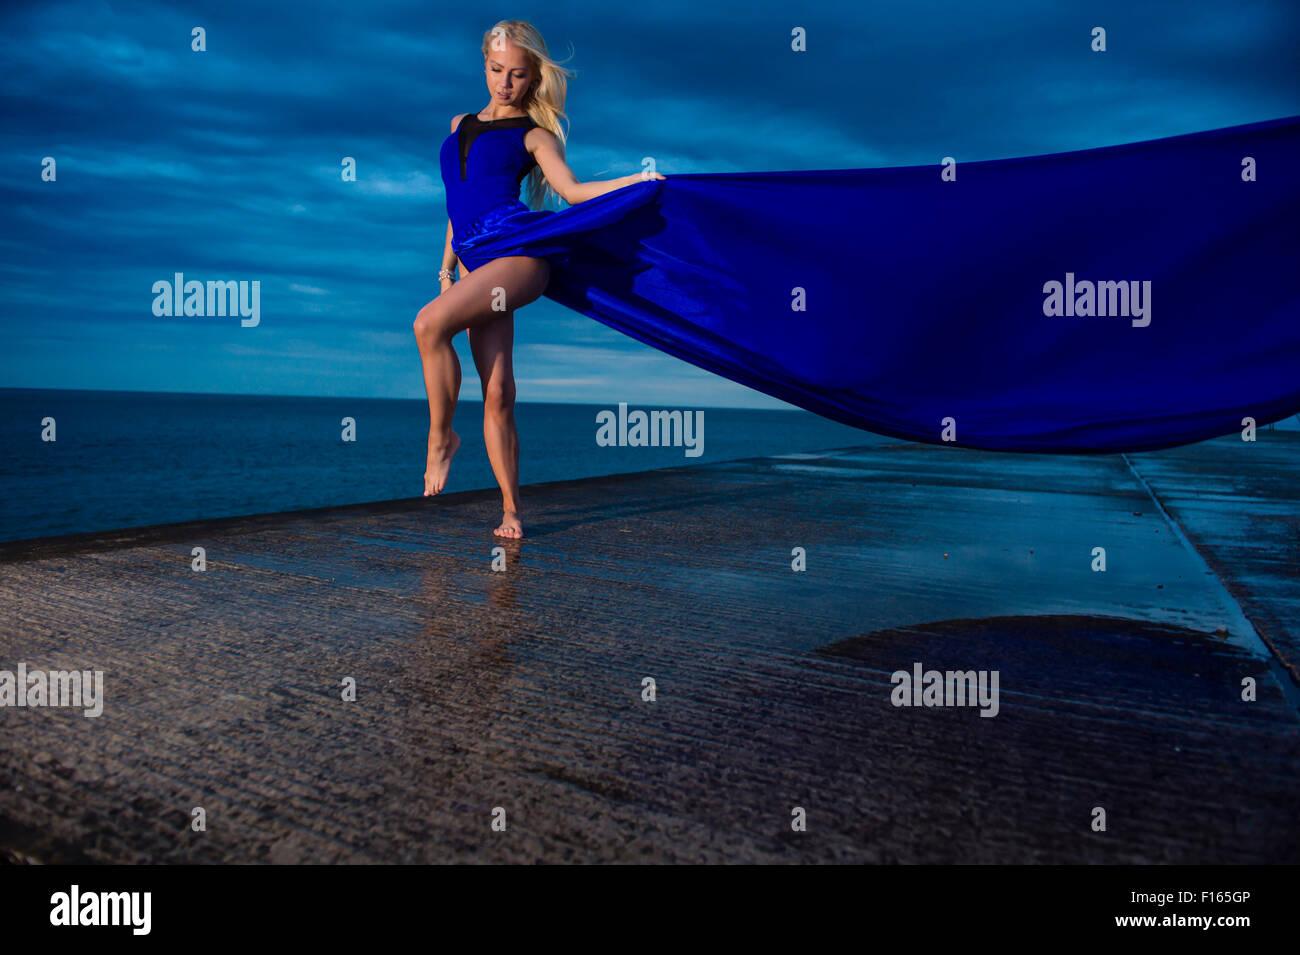 Posizione esterna fotografia - un alto slim bionda bionda donna modello ragazza in posa all'aperto su una serata Immagini Stock